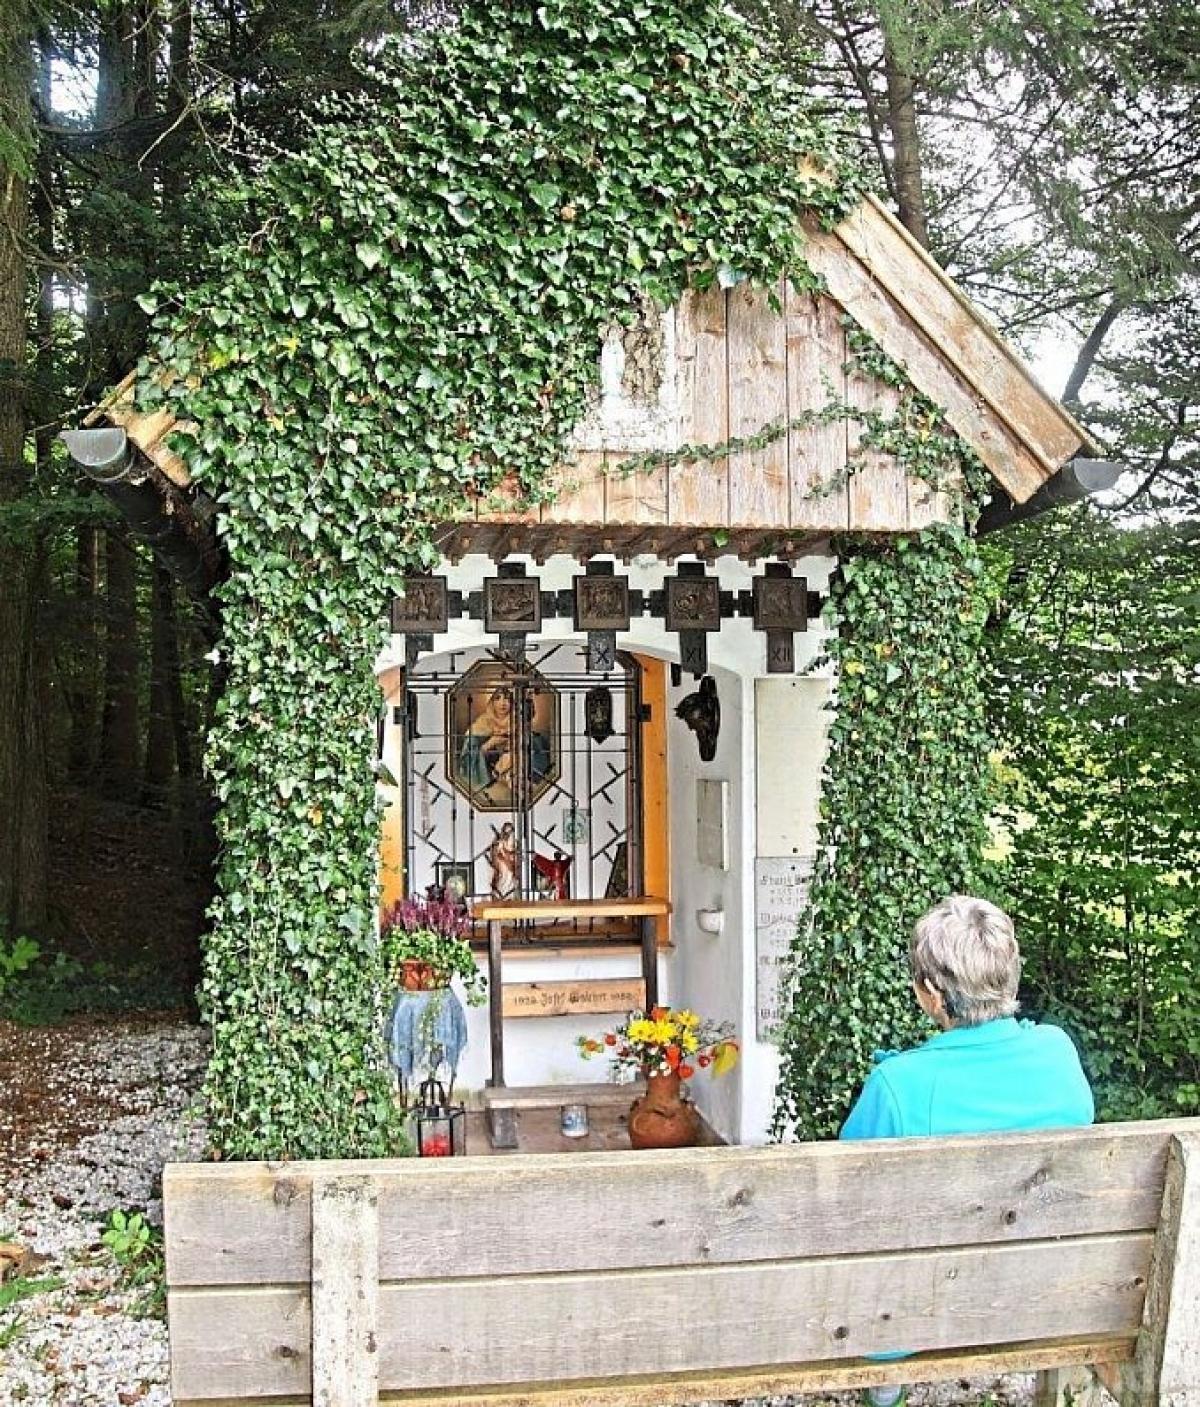 Auf einer der Bänke vor der Kapelle sitzend, kann man das hübsche kleine Bauwerk mit all seinen Verzierungen und Inschriften in aller Ruhe auf sich wirken lassen.